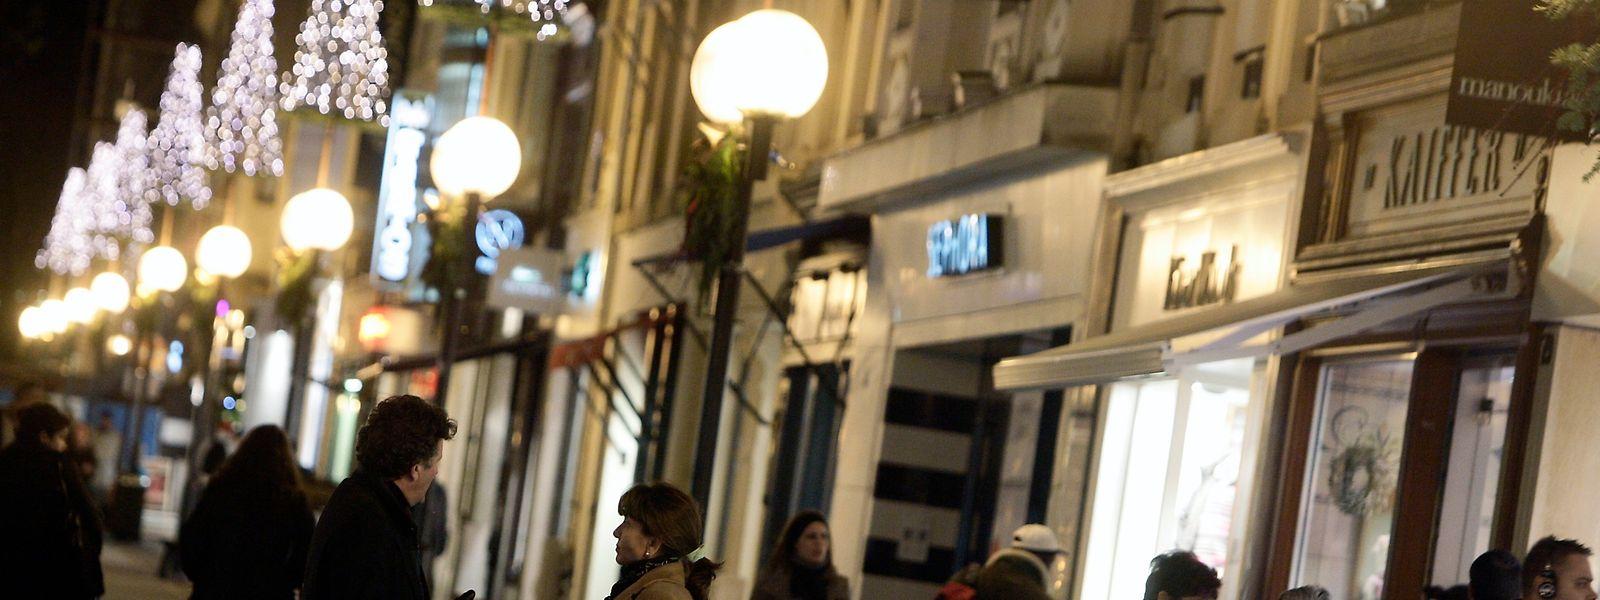 Gerade in der Weihnachtszeit sind die Fußgängerzonen gut gefüllt. Dann läuft die Suche nach Geschenken auf Hochtouren.